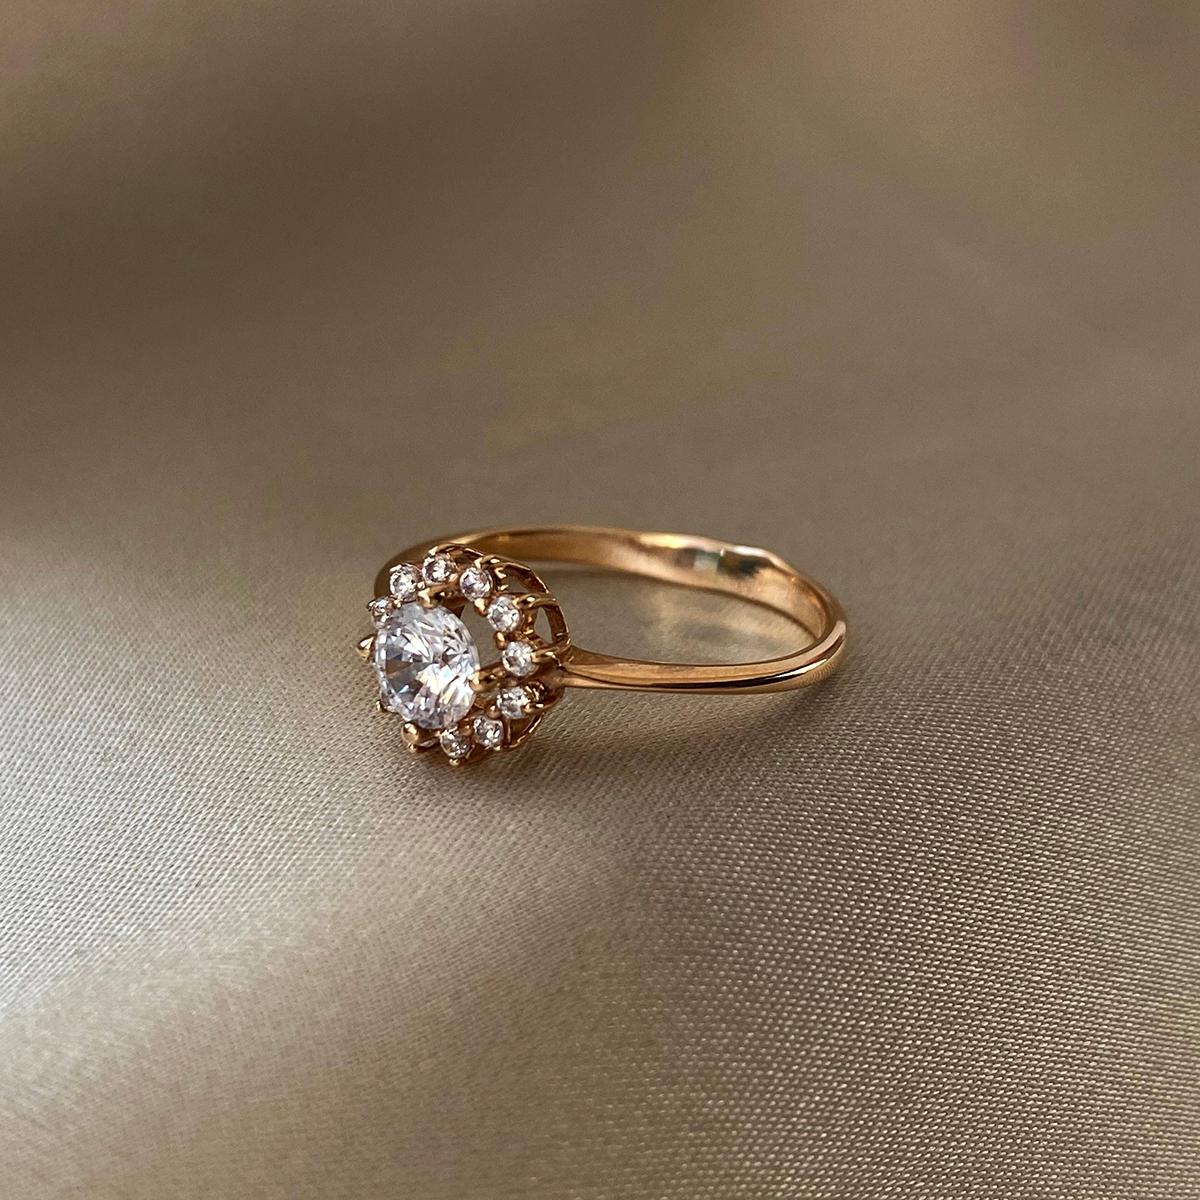 Кольцо из красного золота с фианитами 000103744 000103744 16.5 размера от Zlato - 4